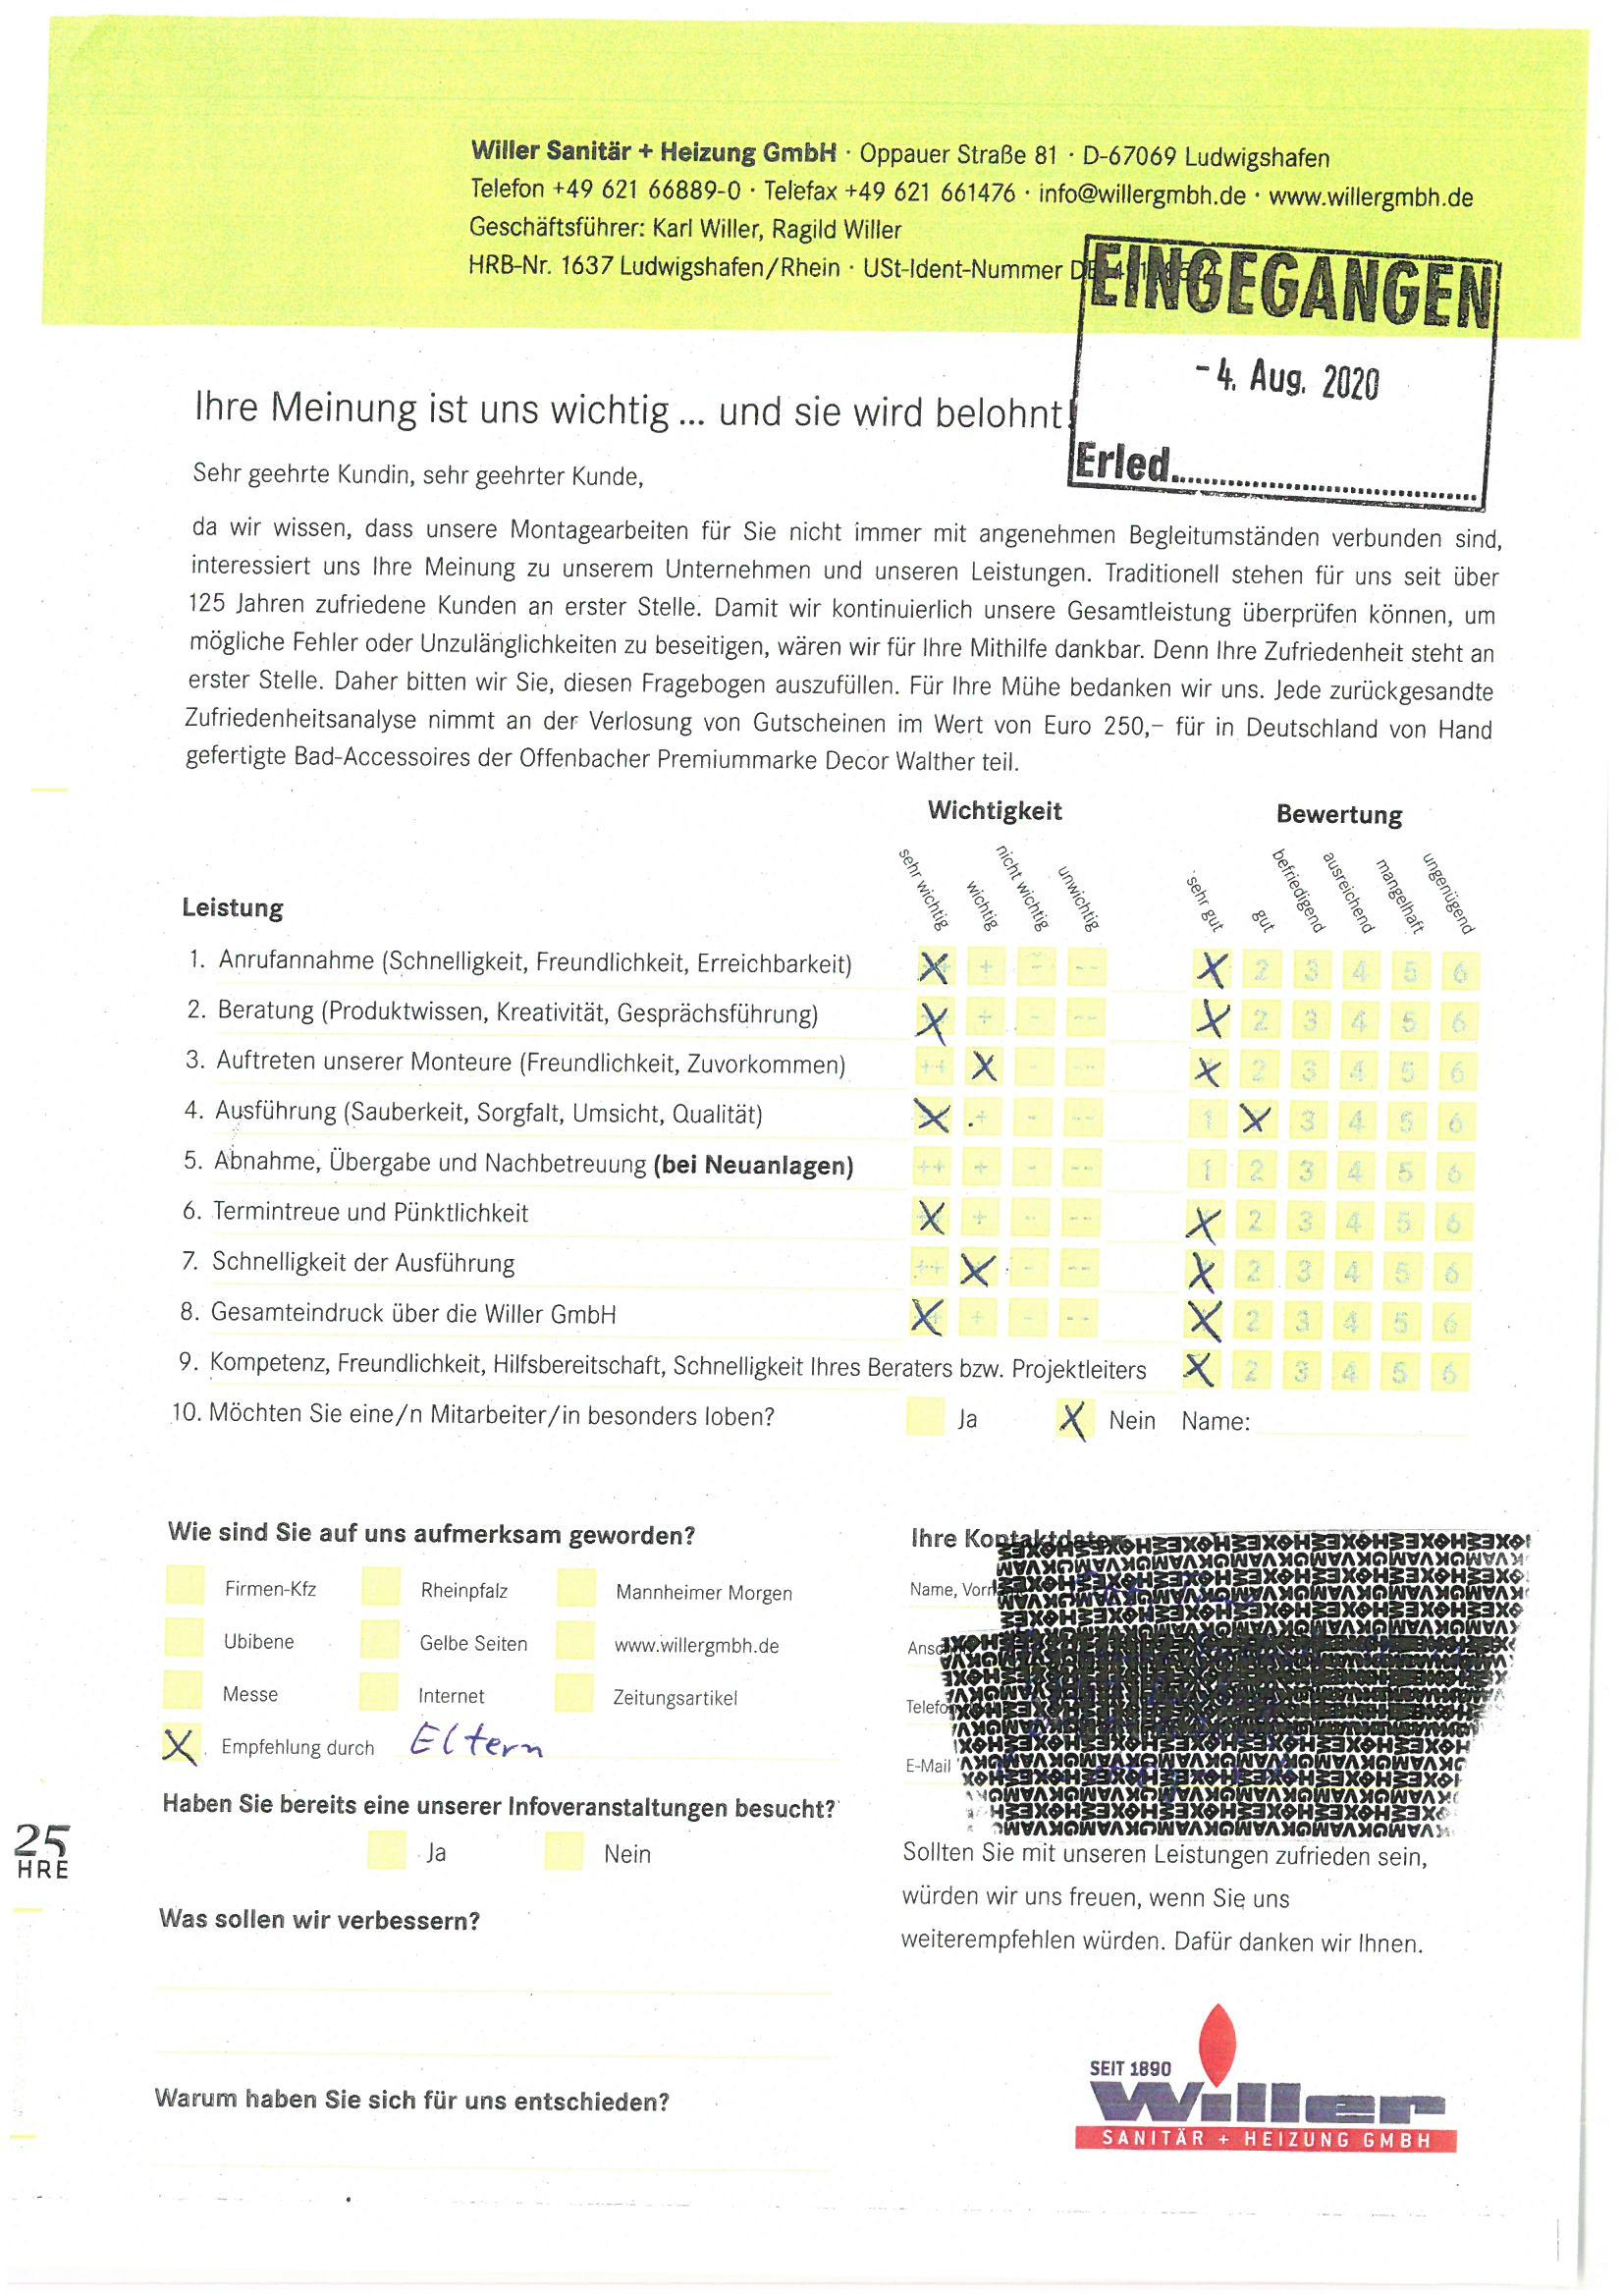 Bewertungen_Willer_Ludwigshafen_2020_ (115)